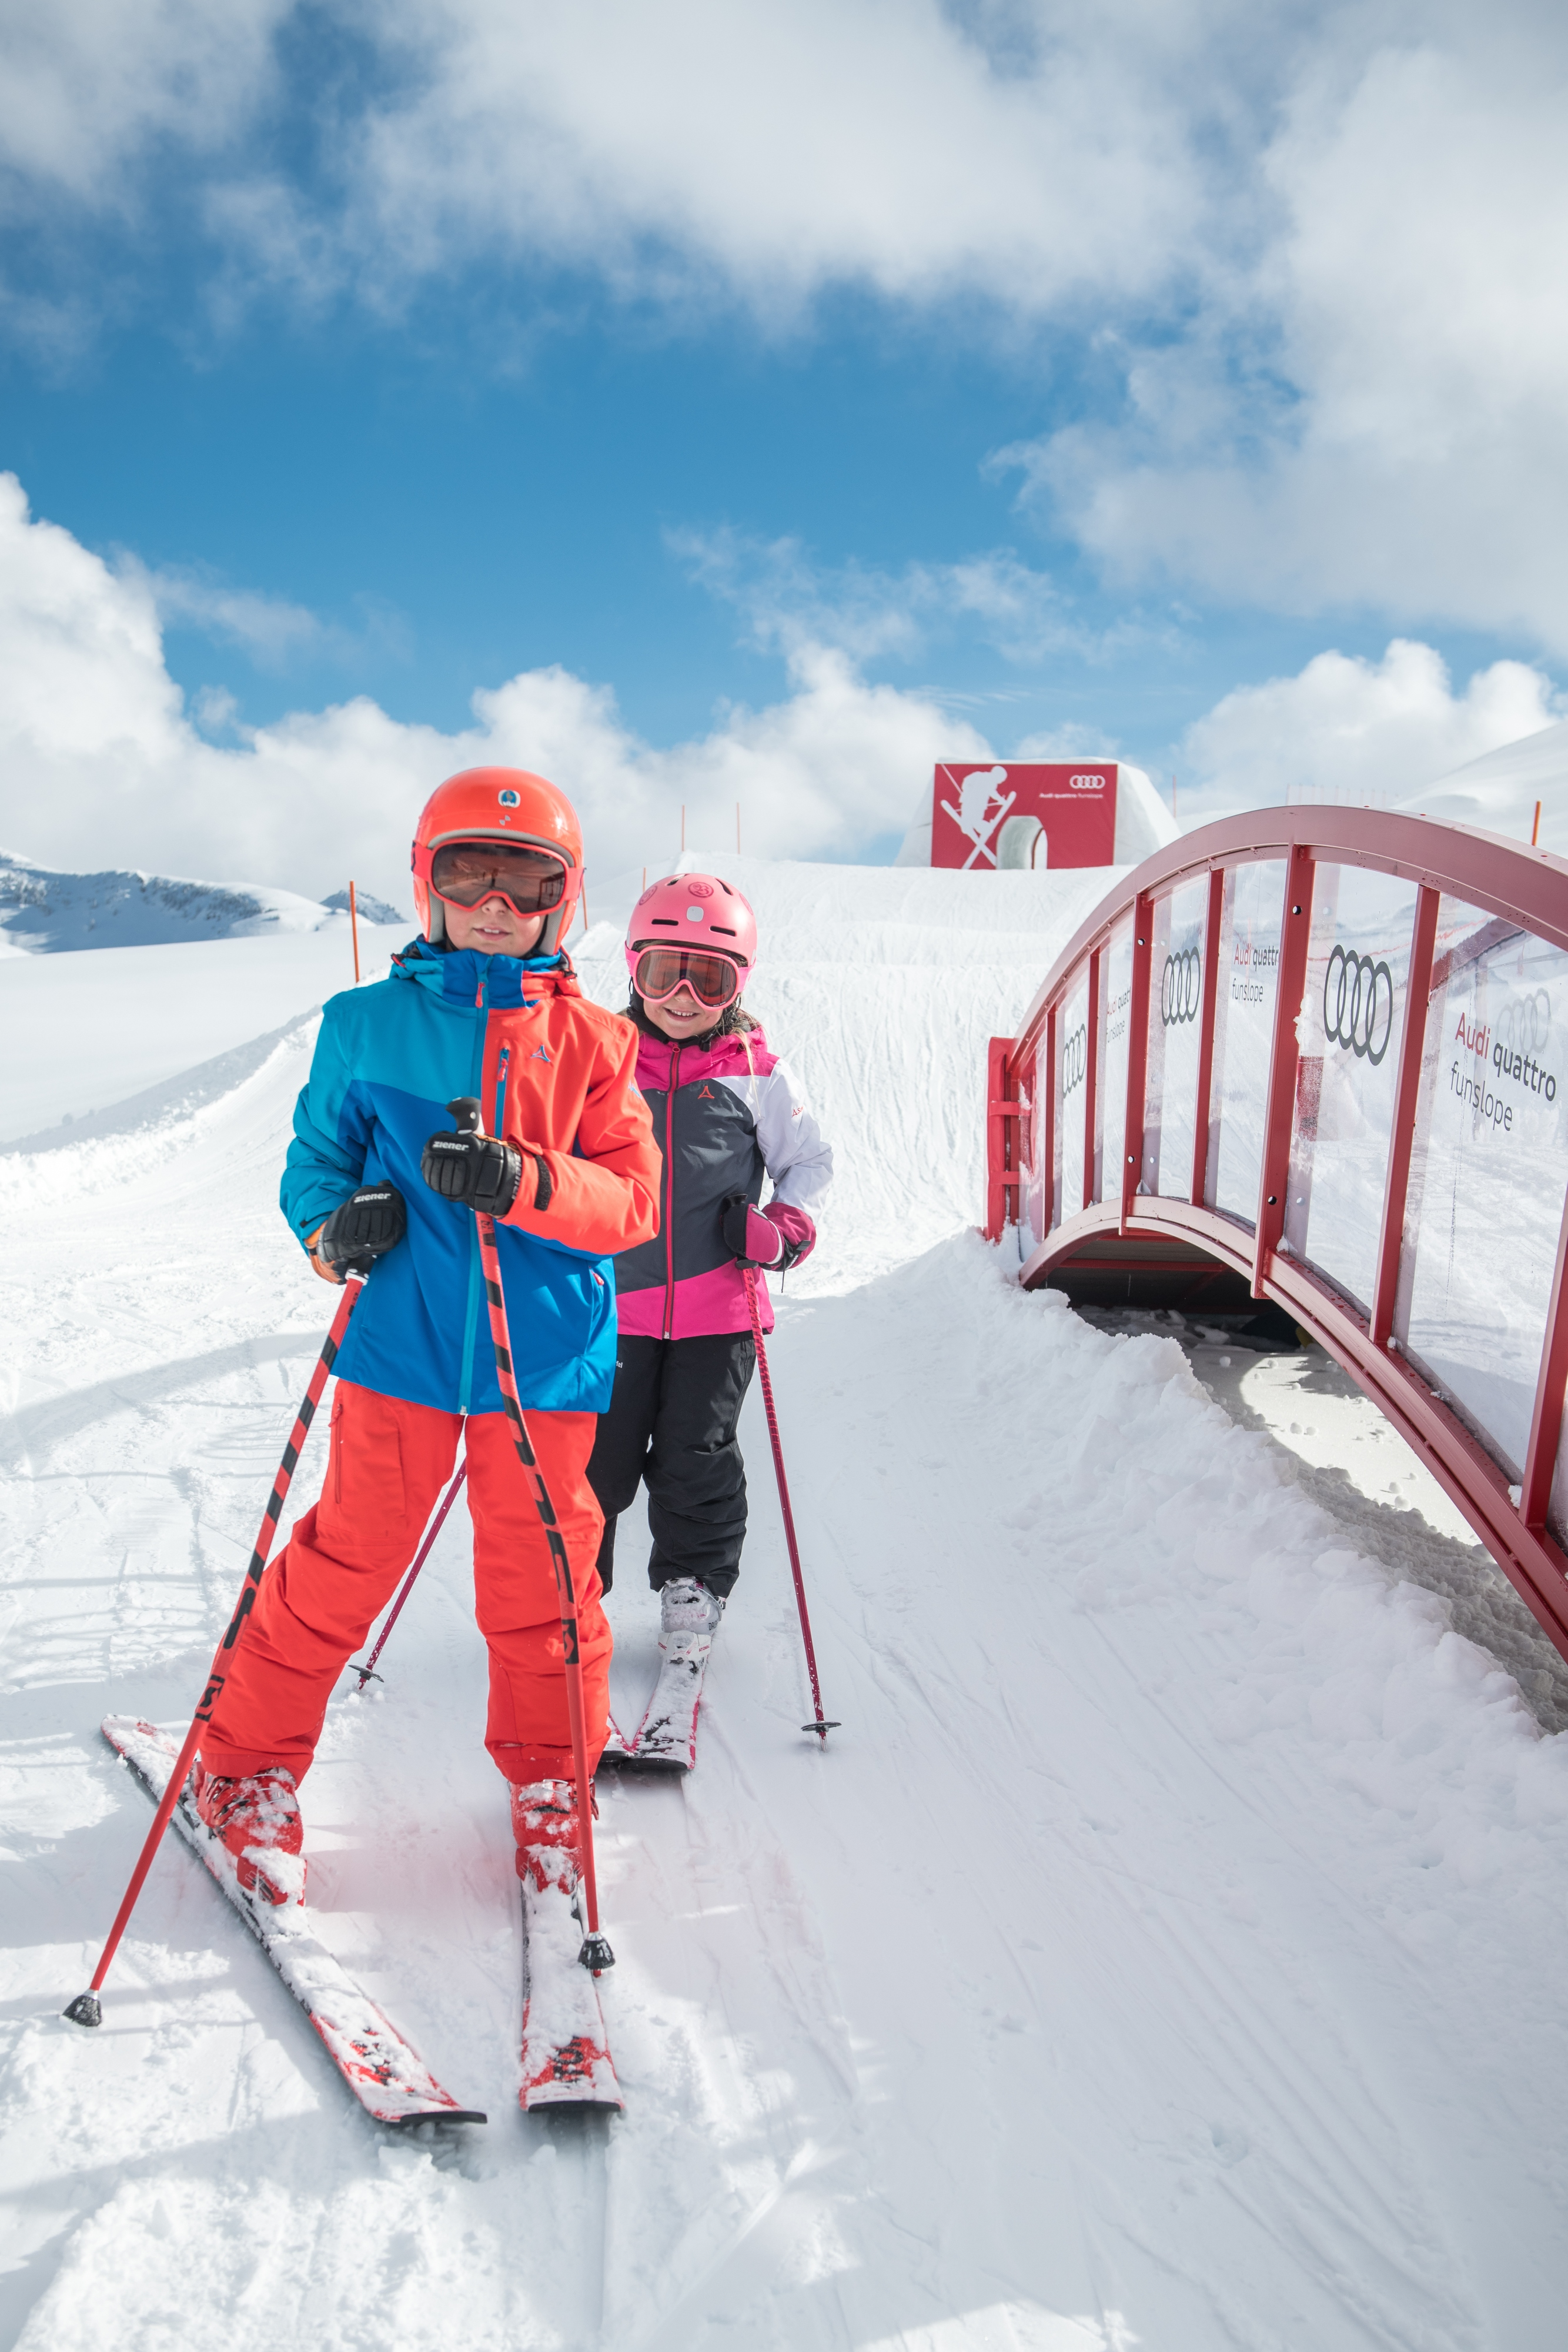 Muter und Tochter fahren Ski Schnee Alpen